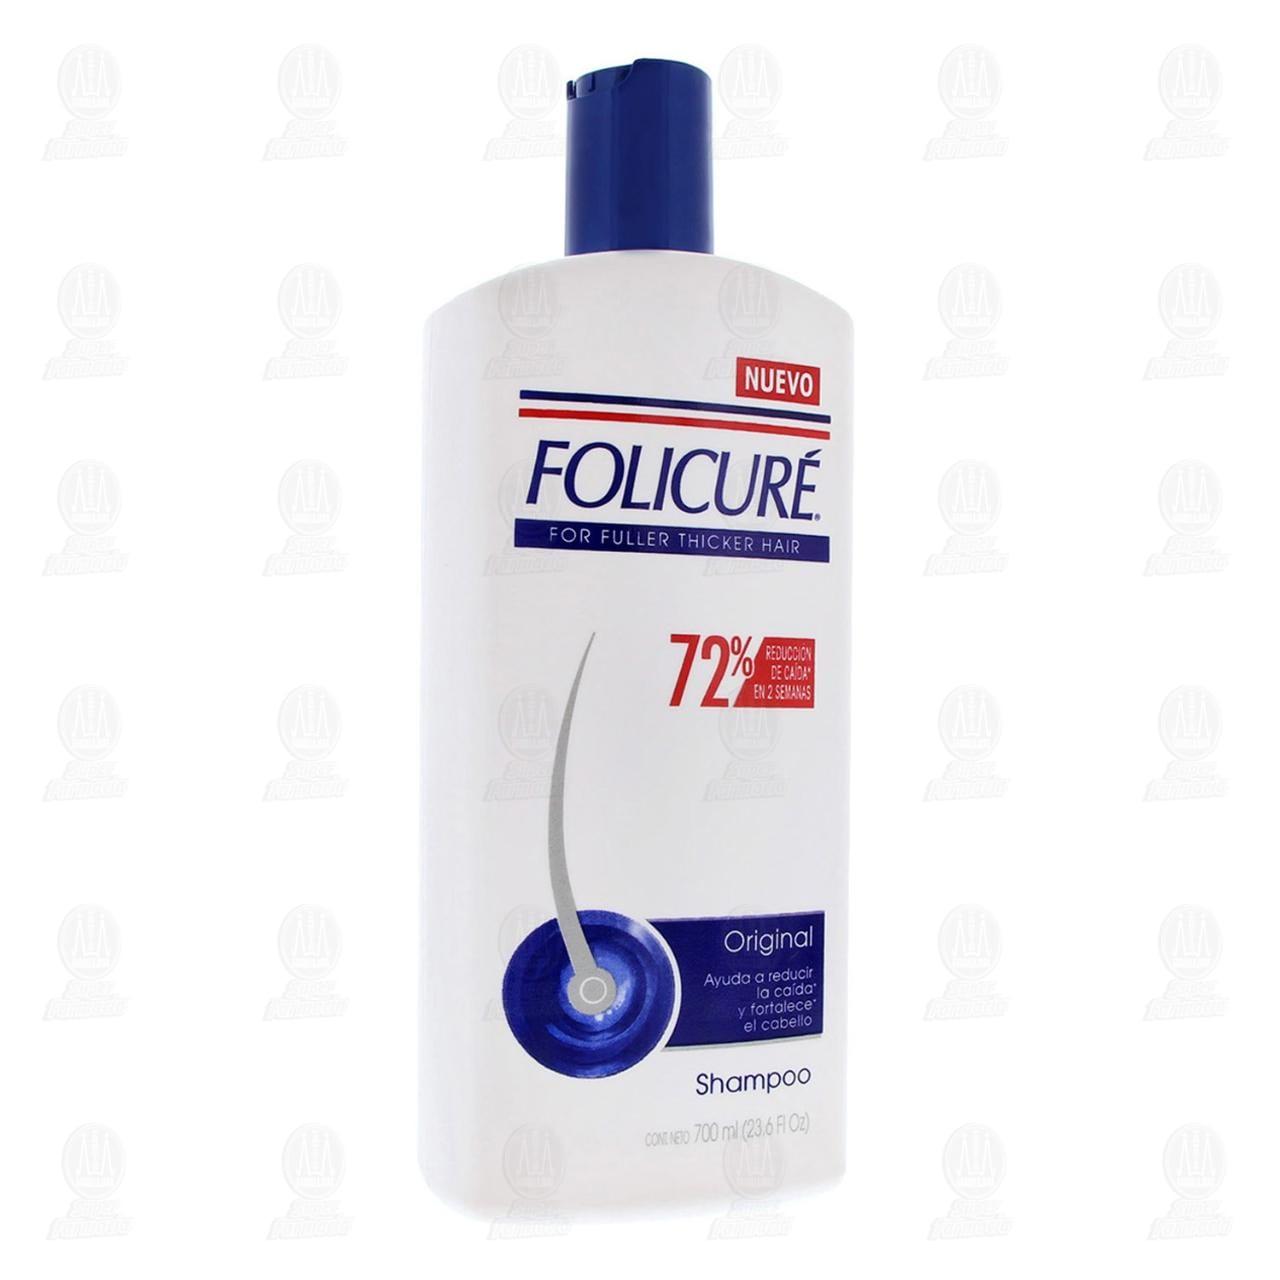 Comprar Shampoo Folicuré Original Reducción Caída, 700 ml. en Farmacias Guadalajara